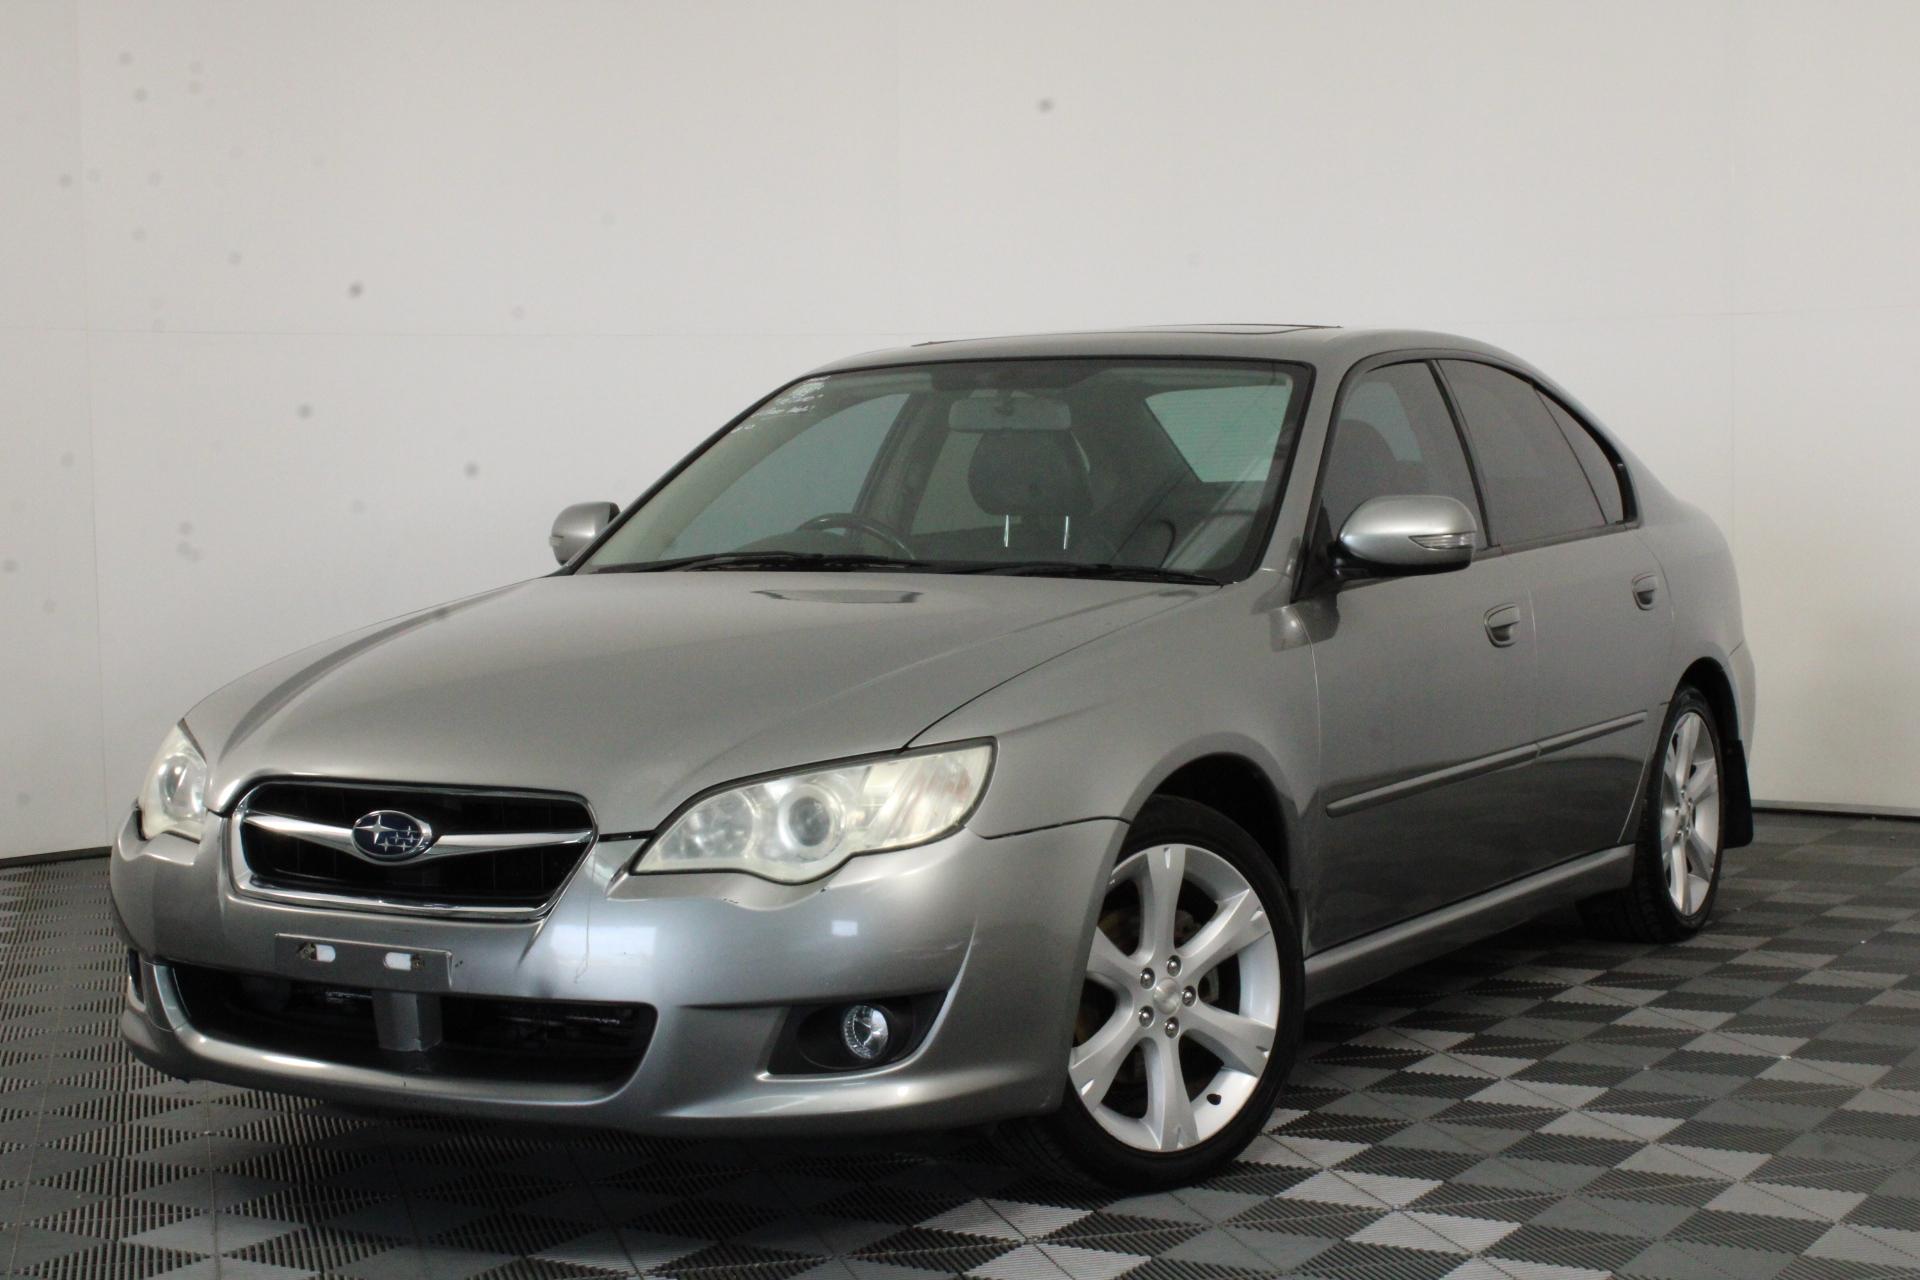 2006 Subaru Liberty 2.5i Premium B4 Automatic Sedan